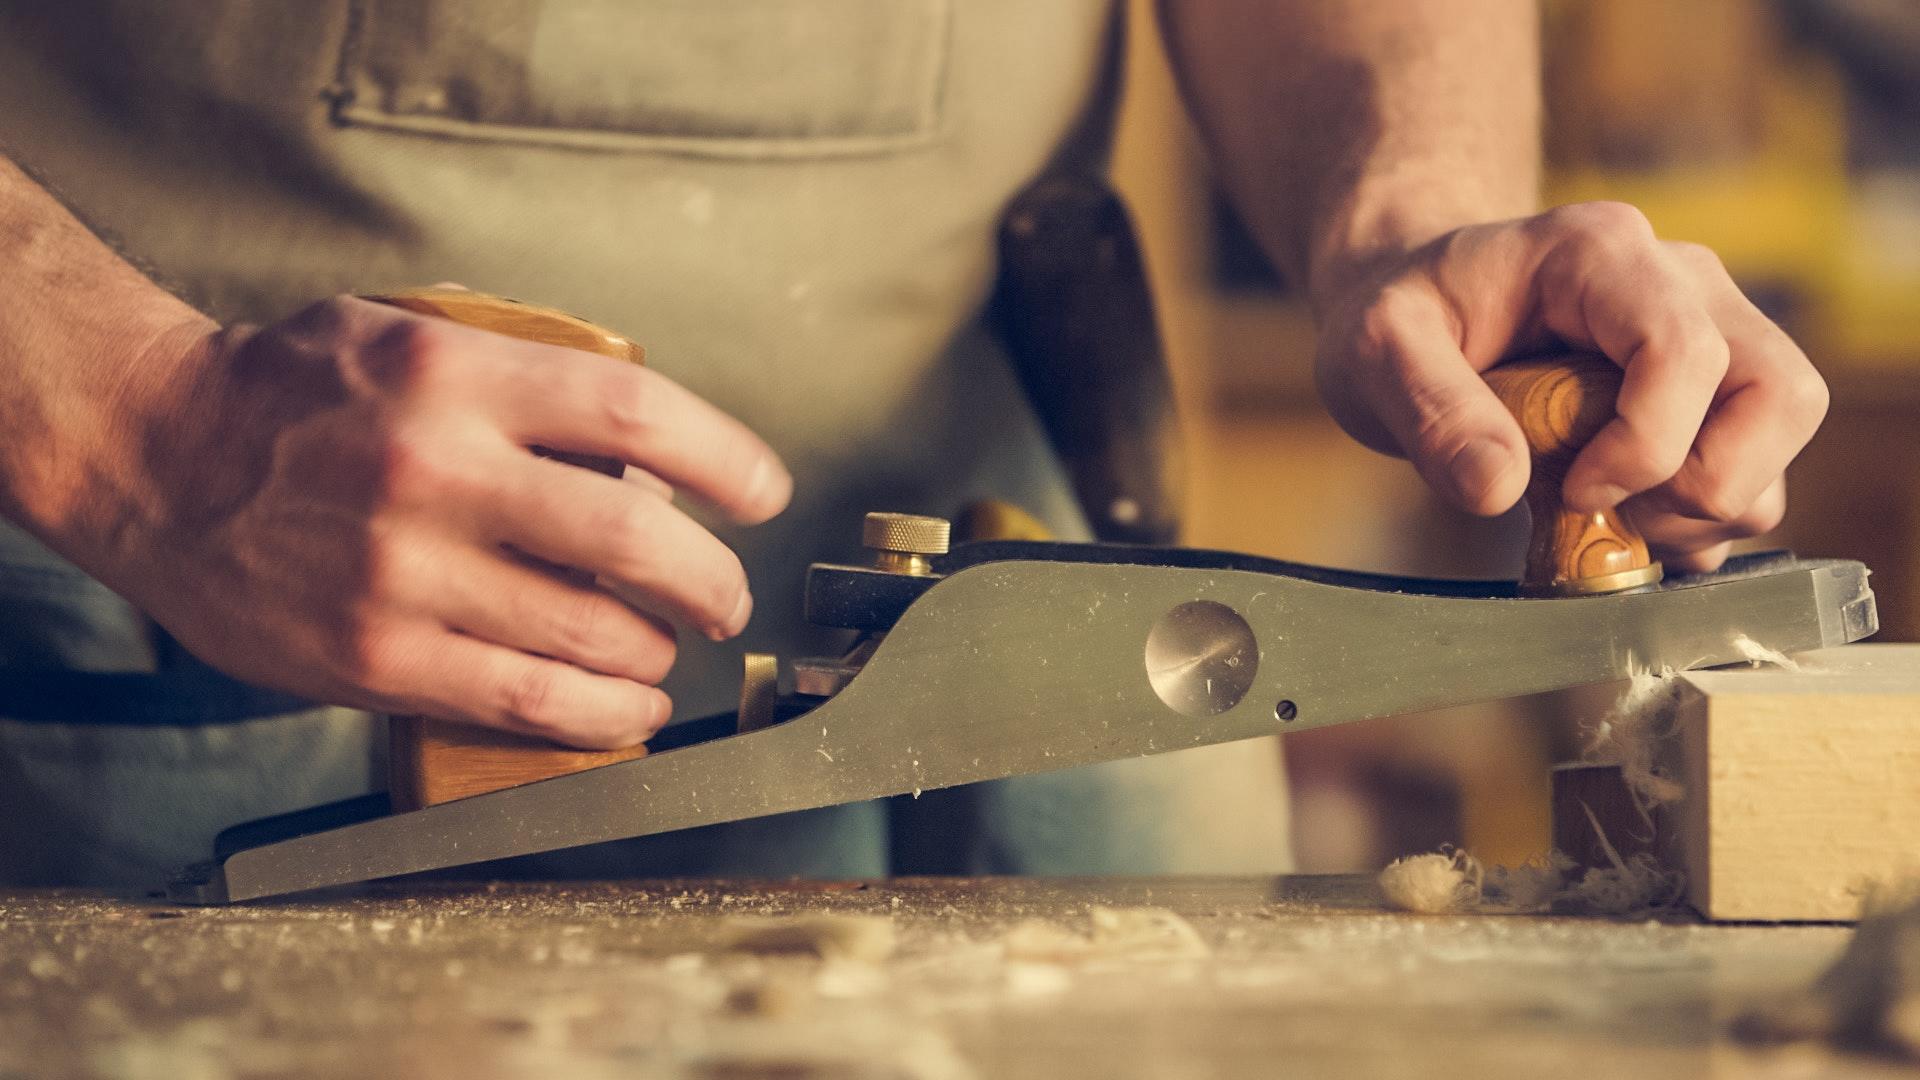 carpenter-close-up-hands-374861.jpg